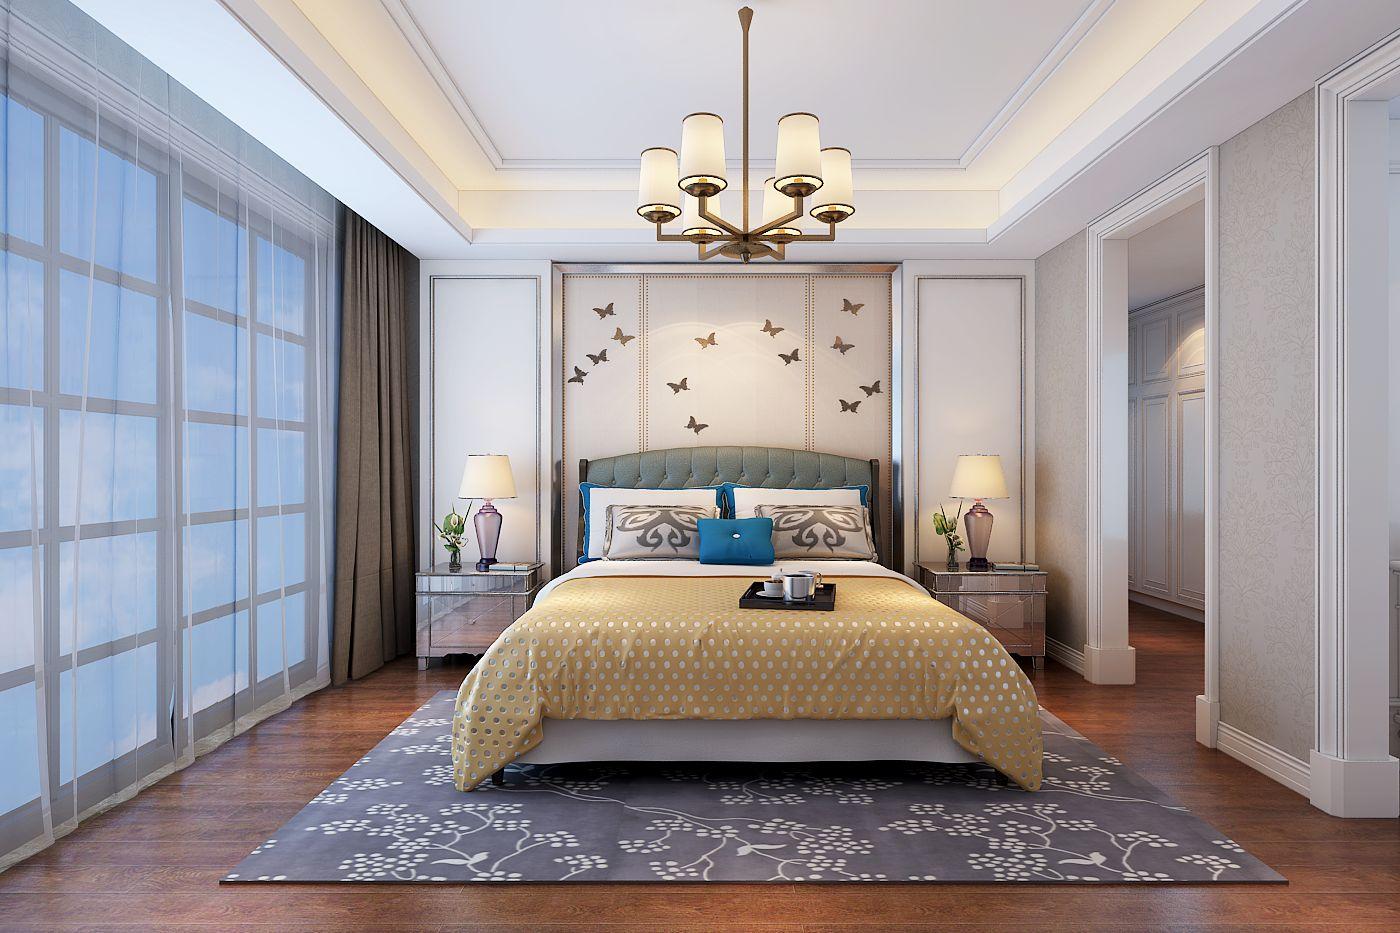 贵阳别墅装修之古典欧式风格,追求华丽高雅的生活